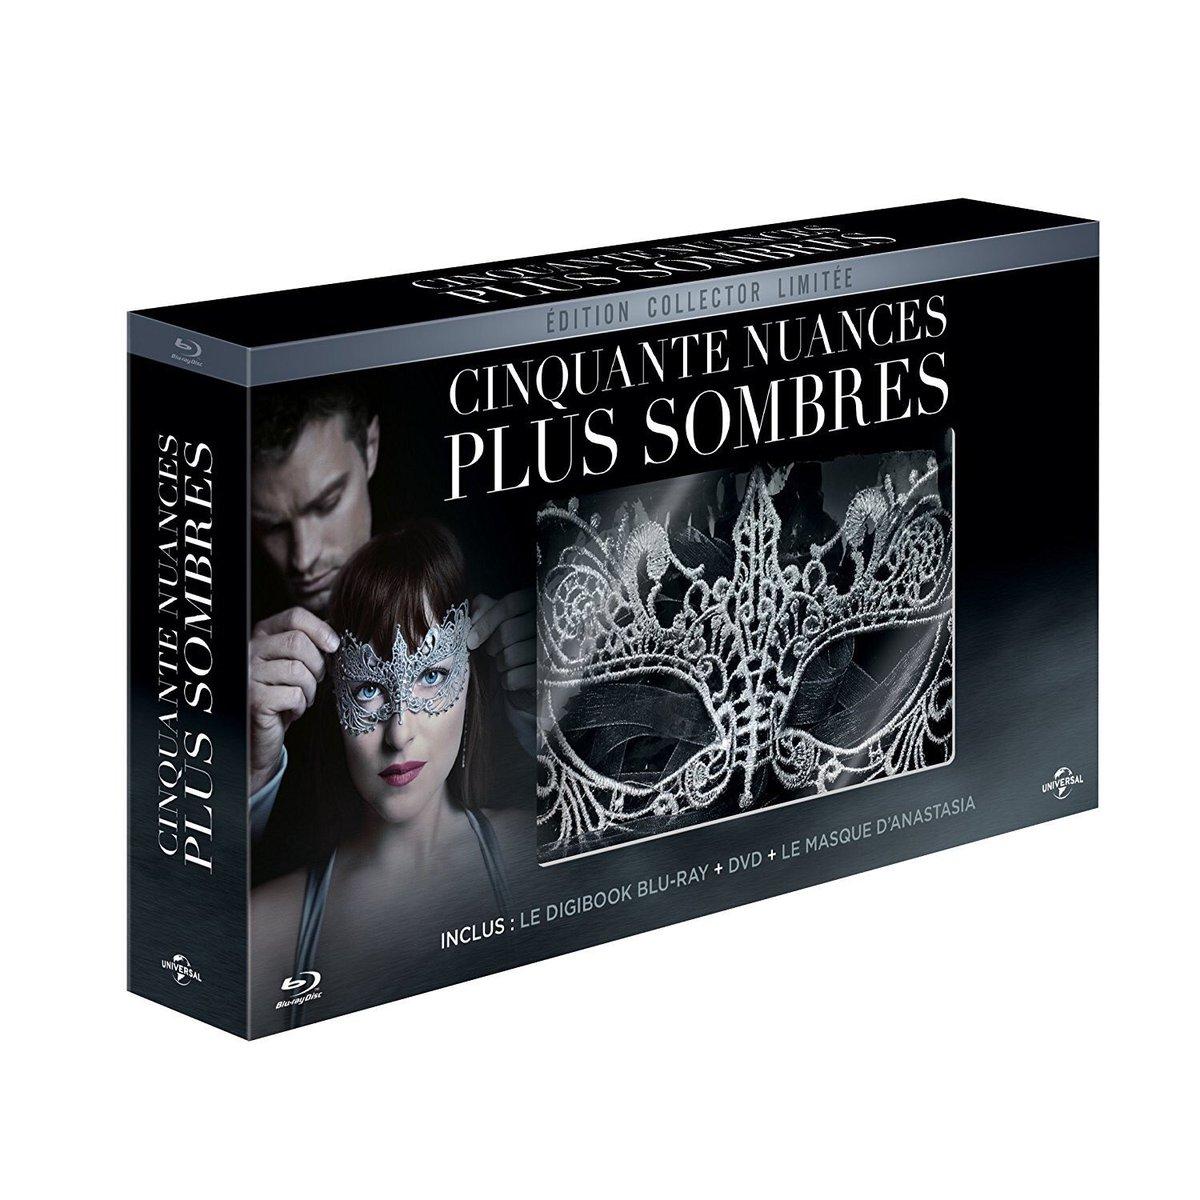 INFO || Voici l&#39;édition collector limitée (française) pour le dvd du film #FiftyShadesDarker ! (via @grey_portugal)<br>http://pic.twitter.com/Xq3TTKNlvw